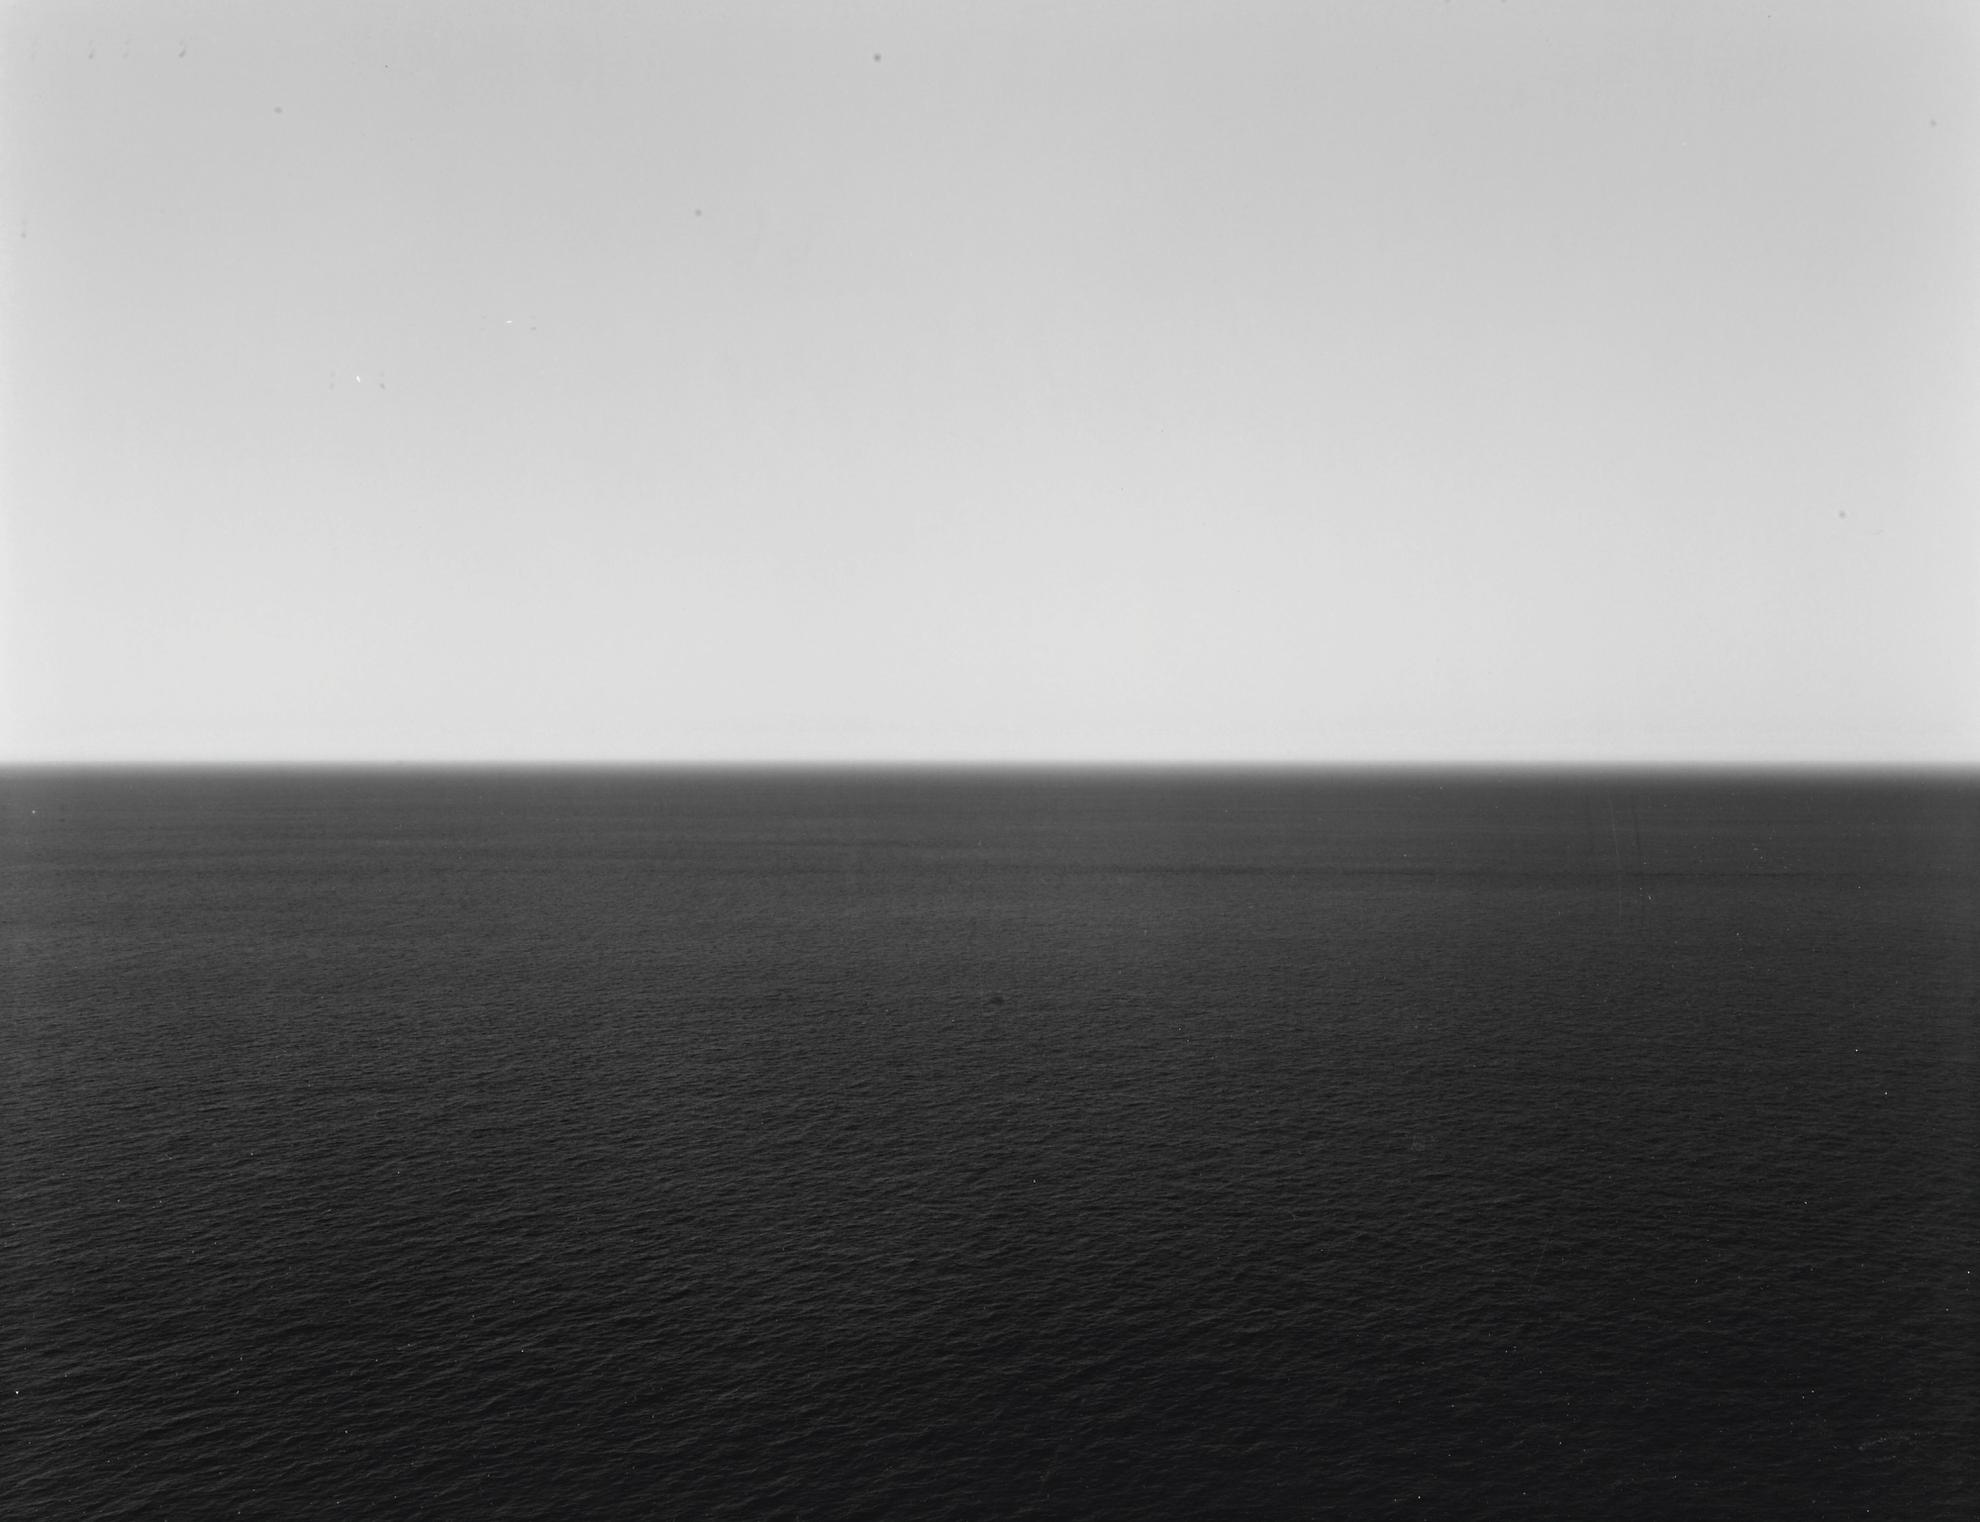 Hiroshi Sugimoto-Tyrrhenian Sea, Positano-1990